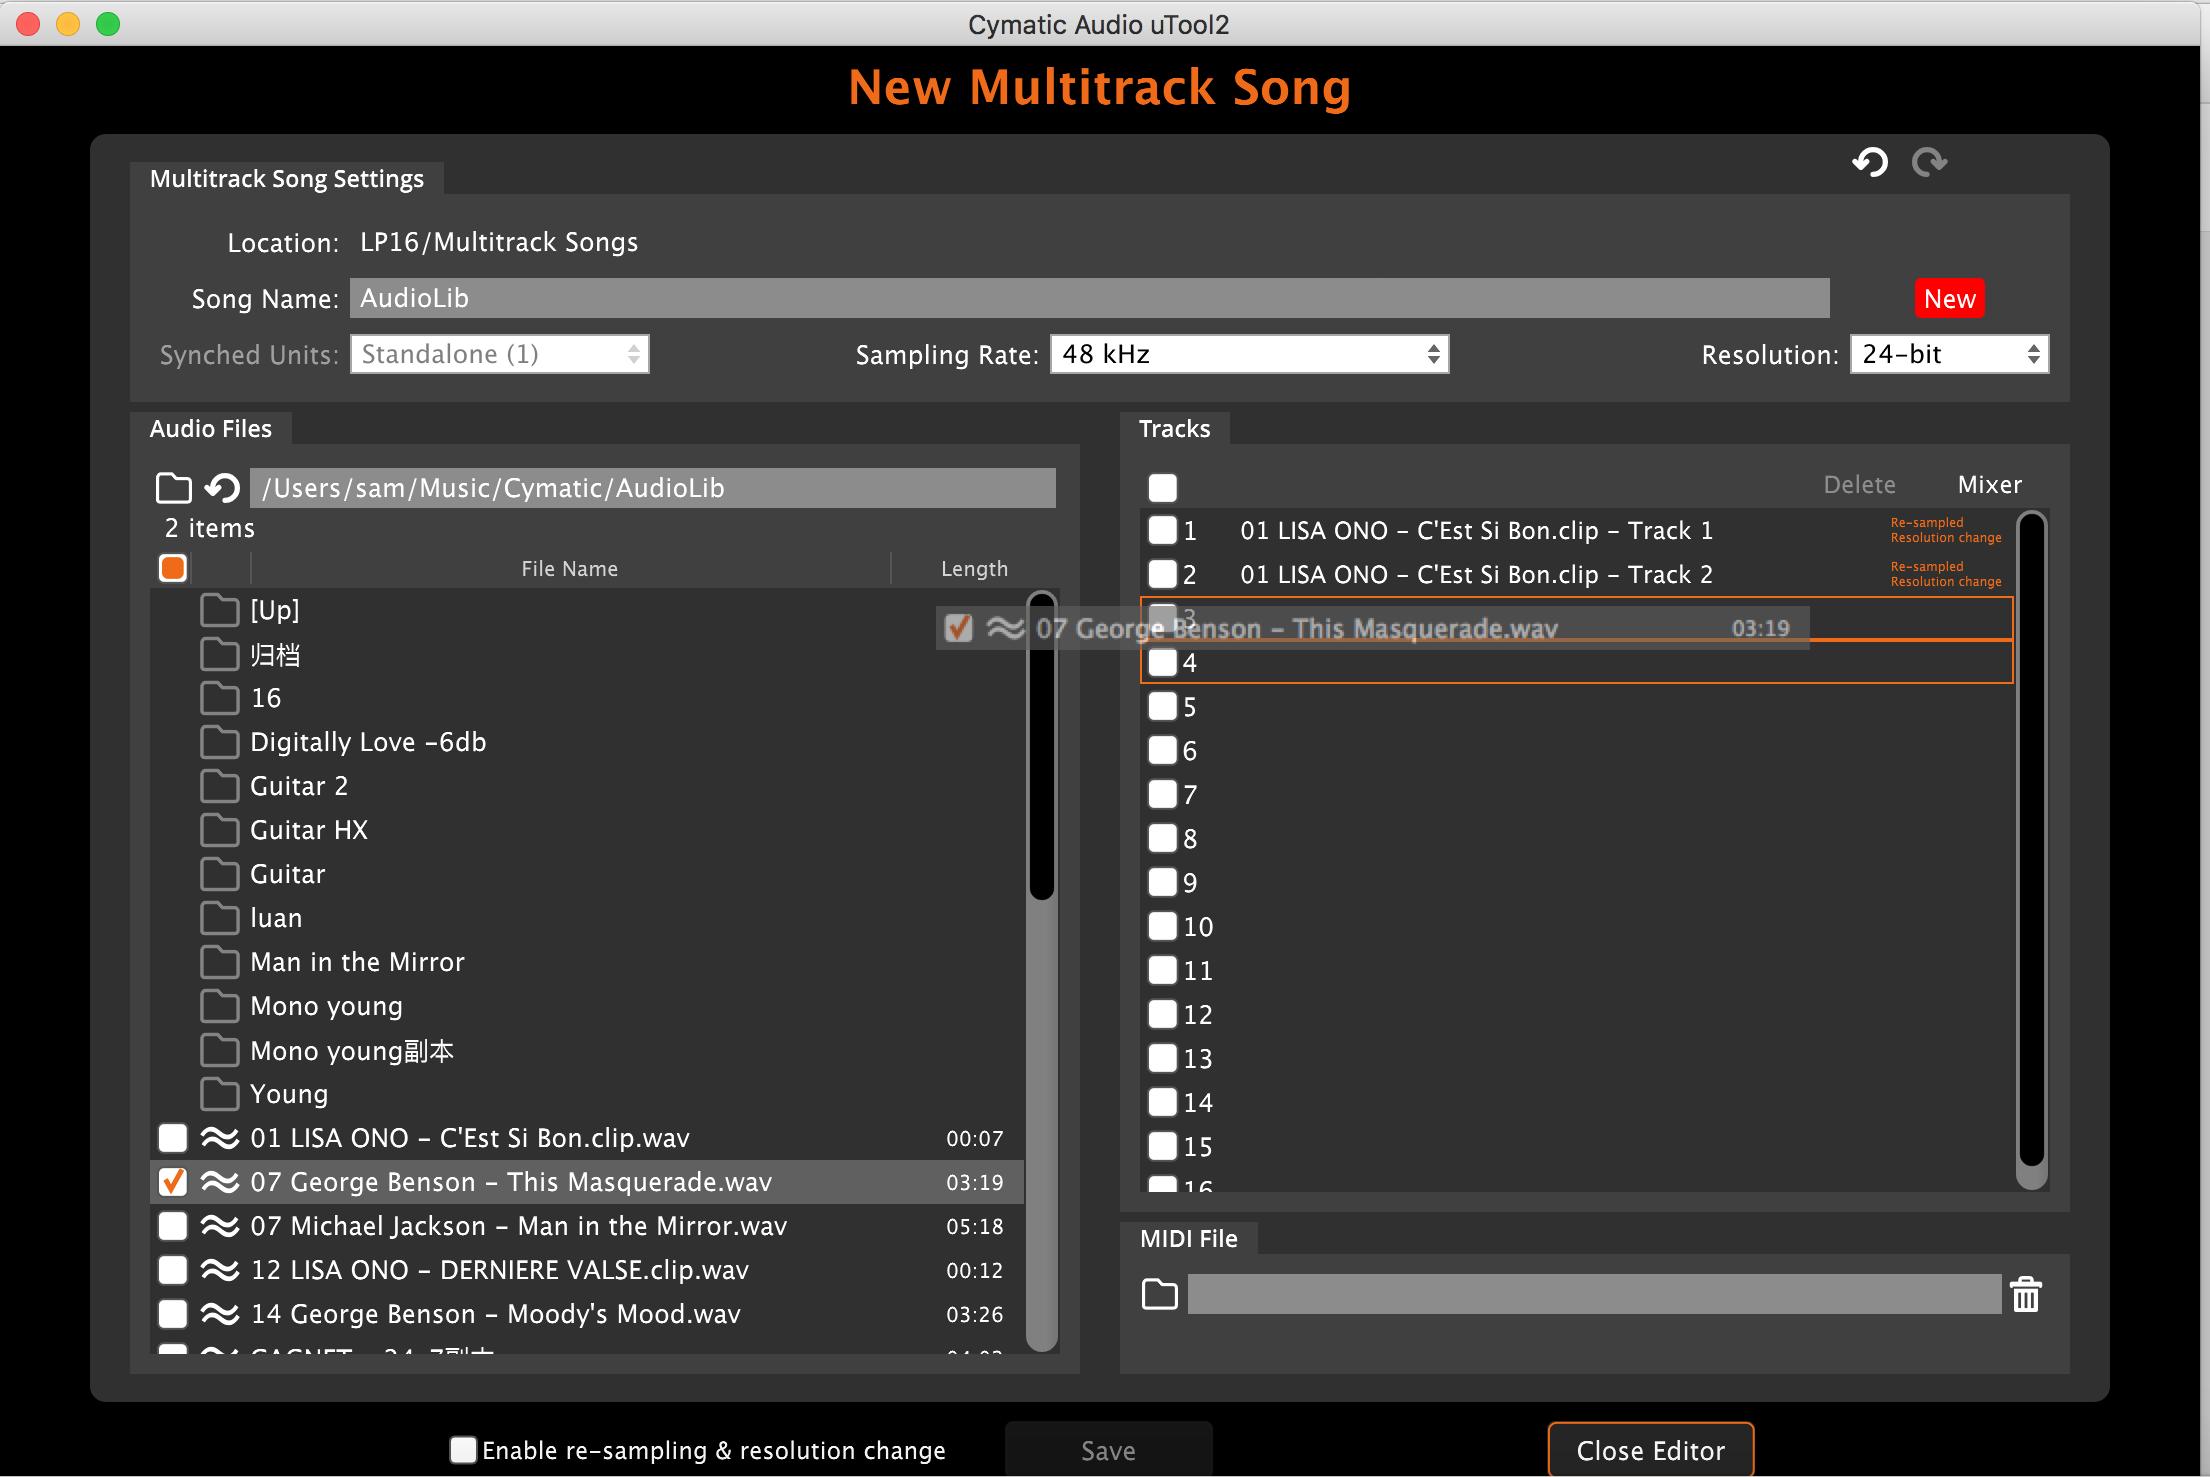 uTools v2.0.62 软件升级